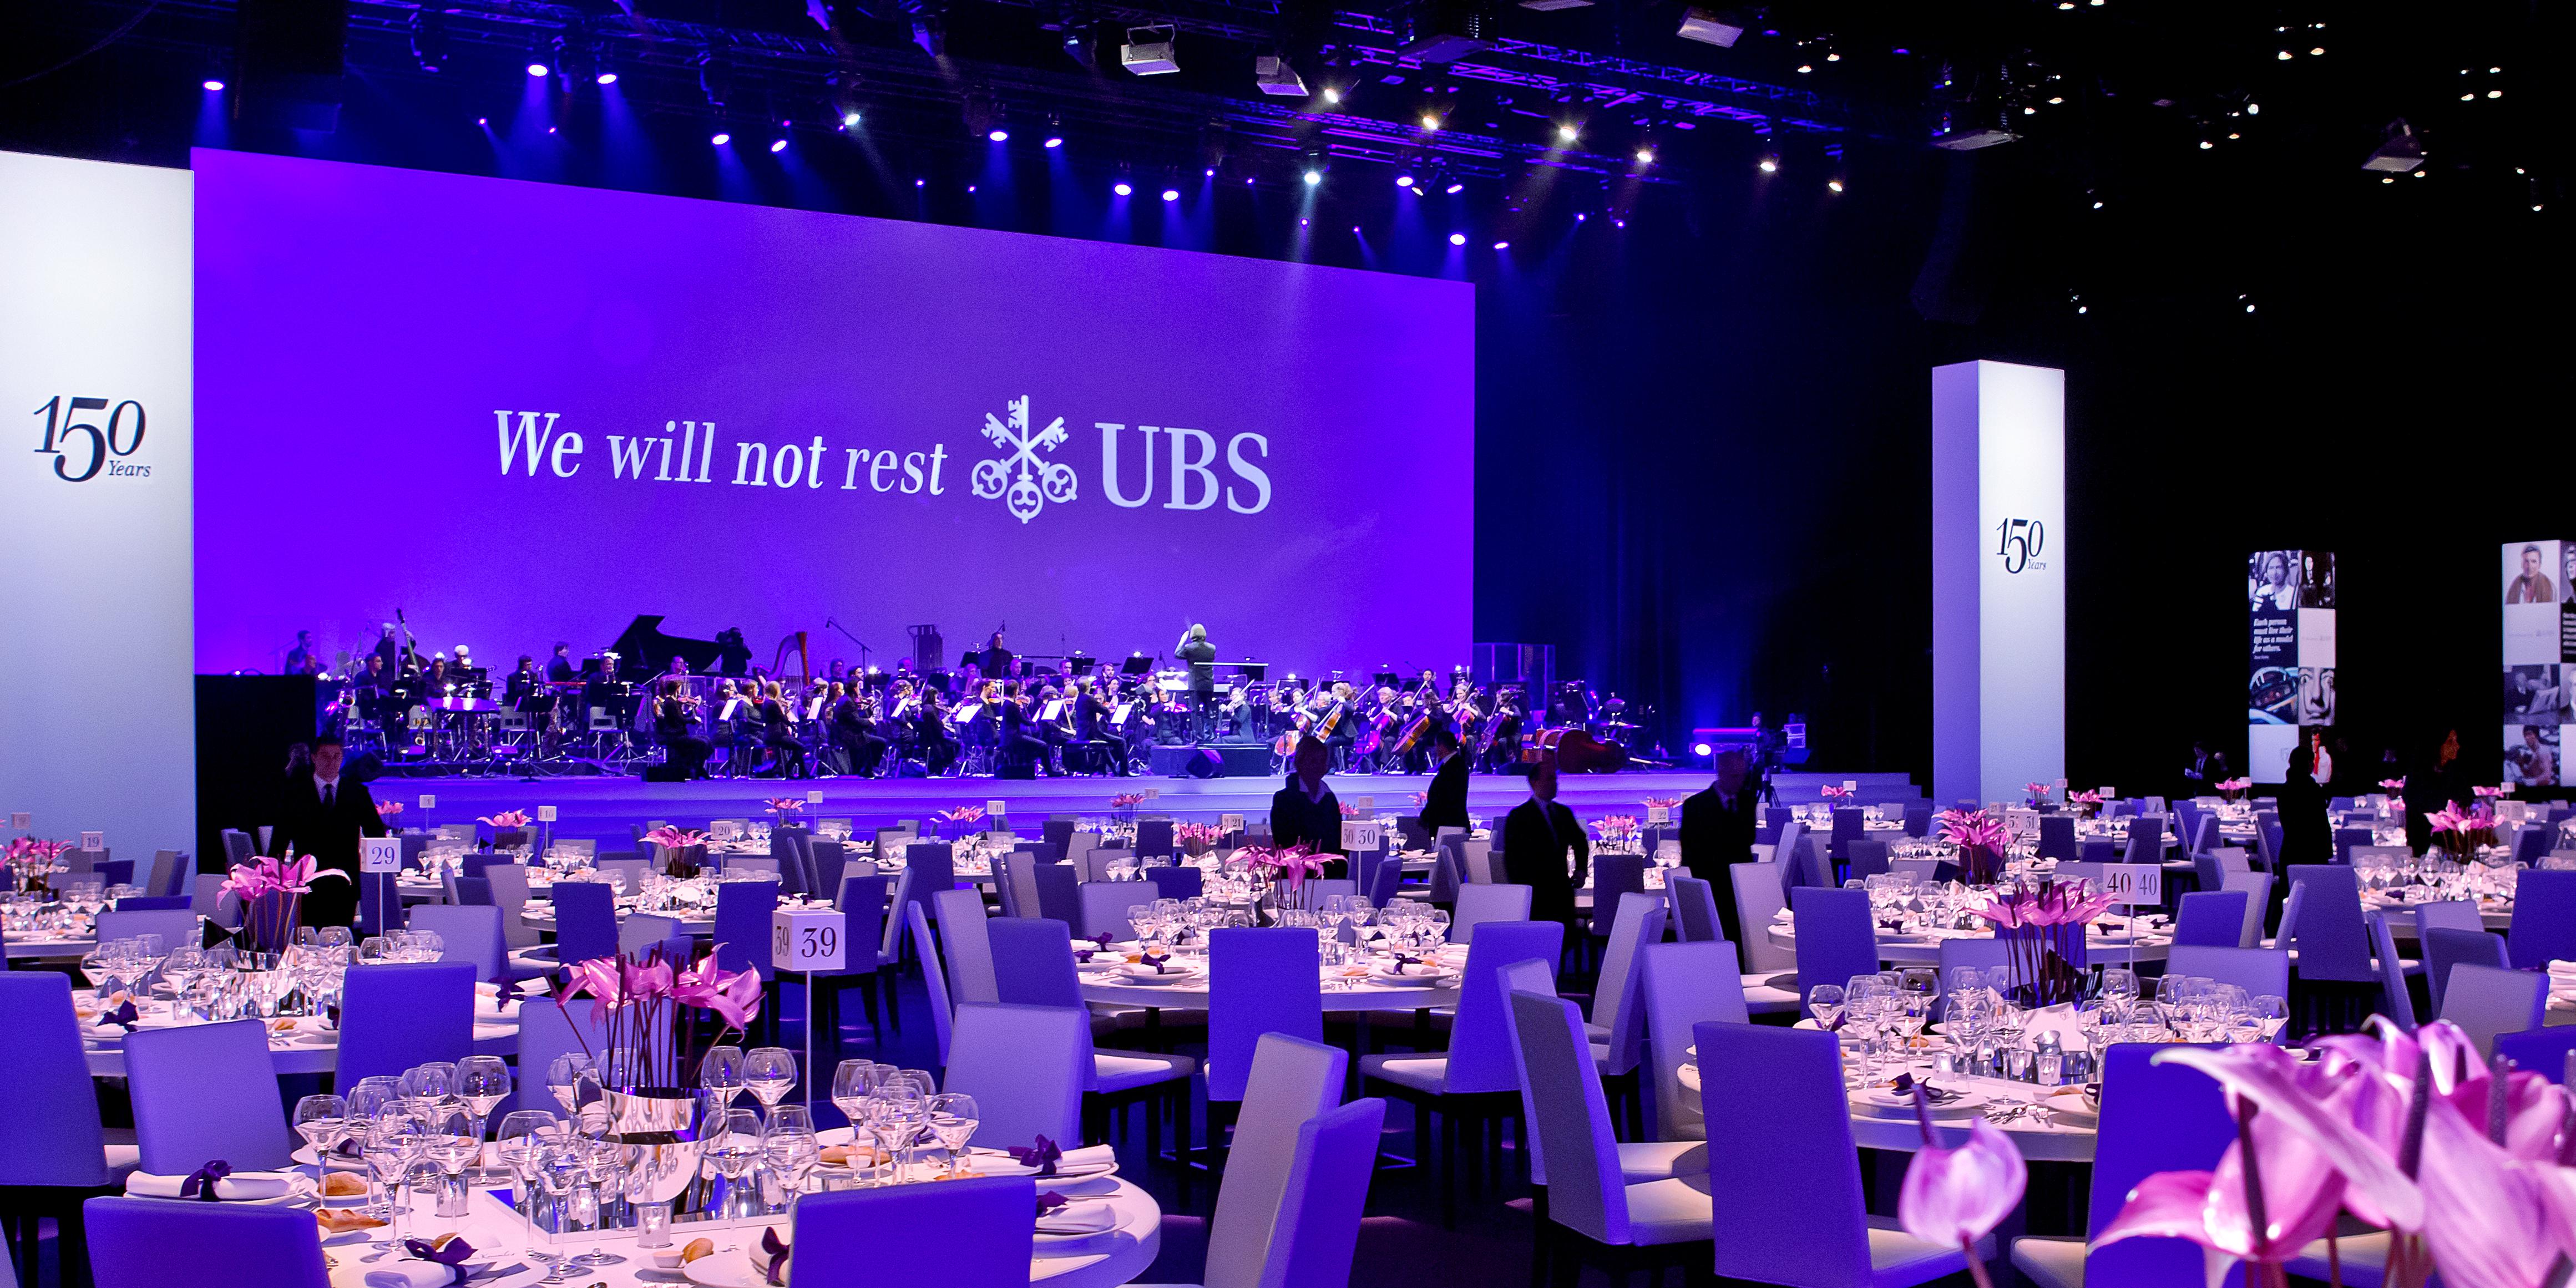 UBS 150 Jahre Jubiläum Bühne